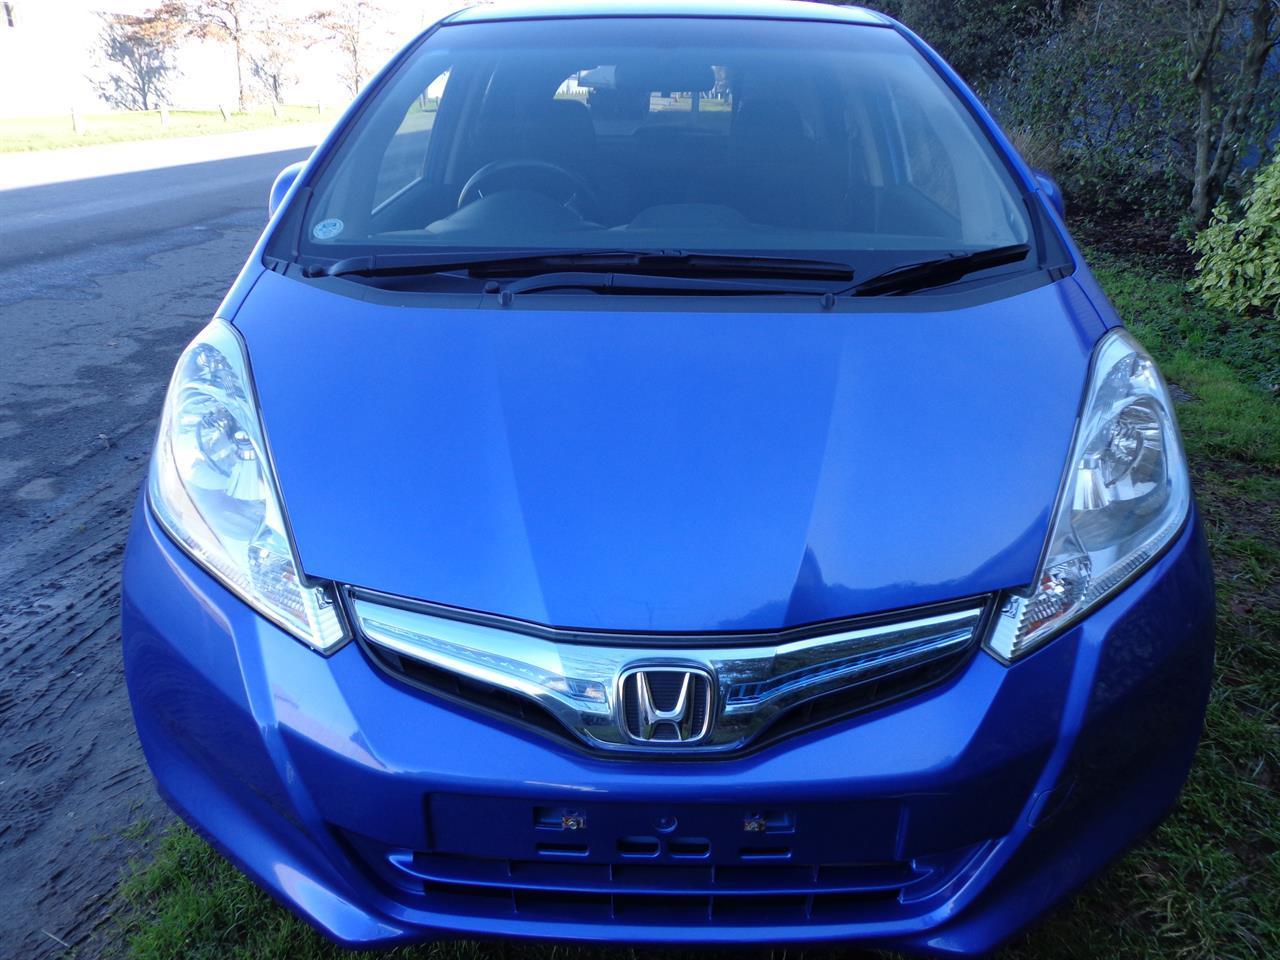 image-6, 2012 Honda FIT HYBRID at Christchurch